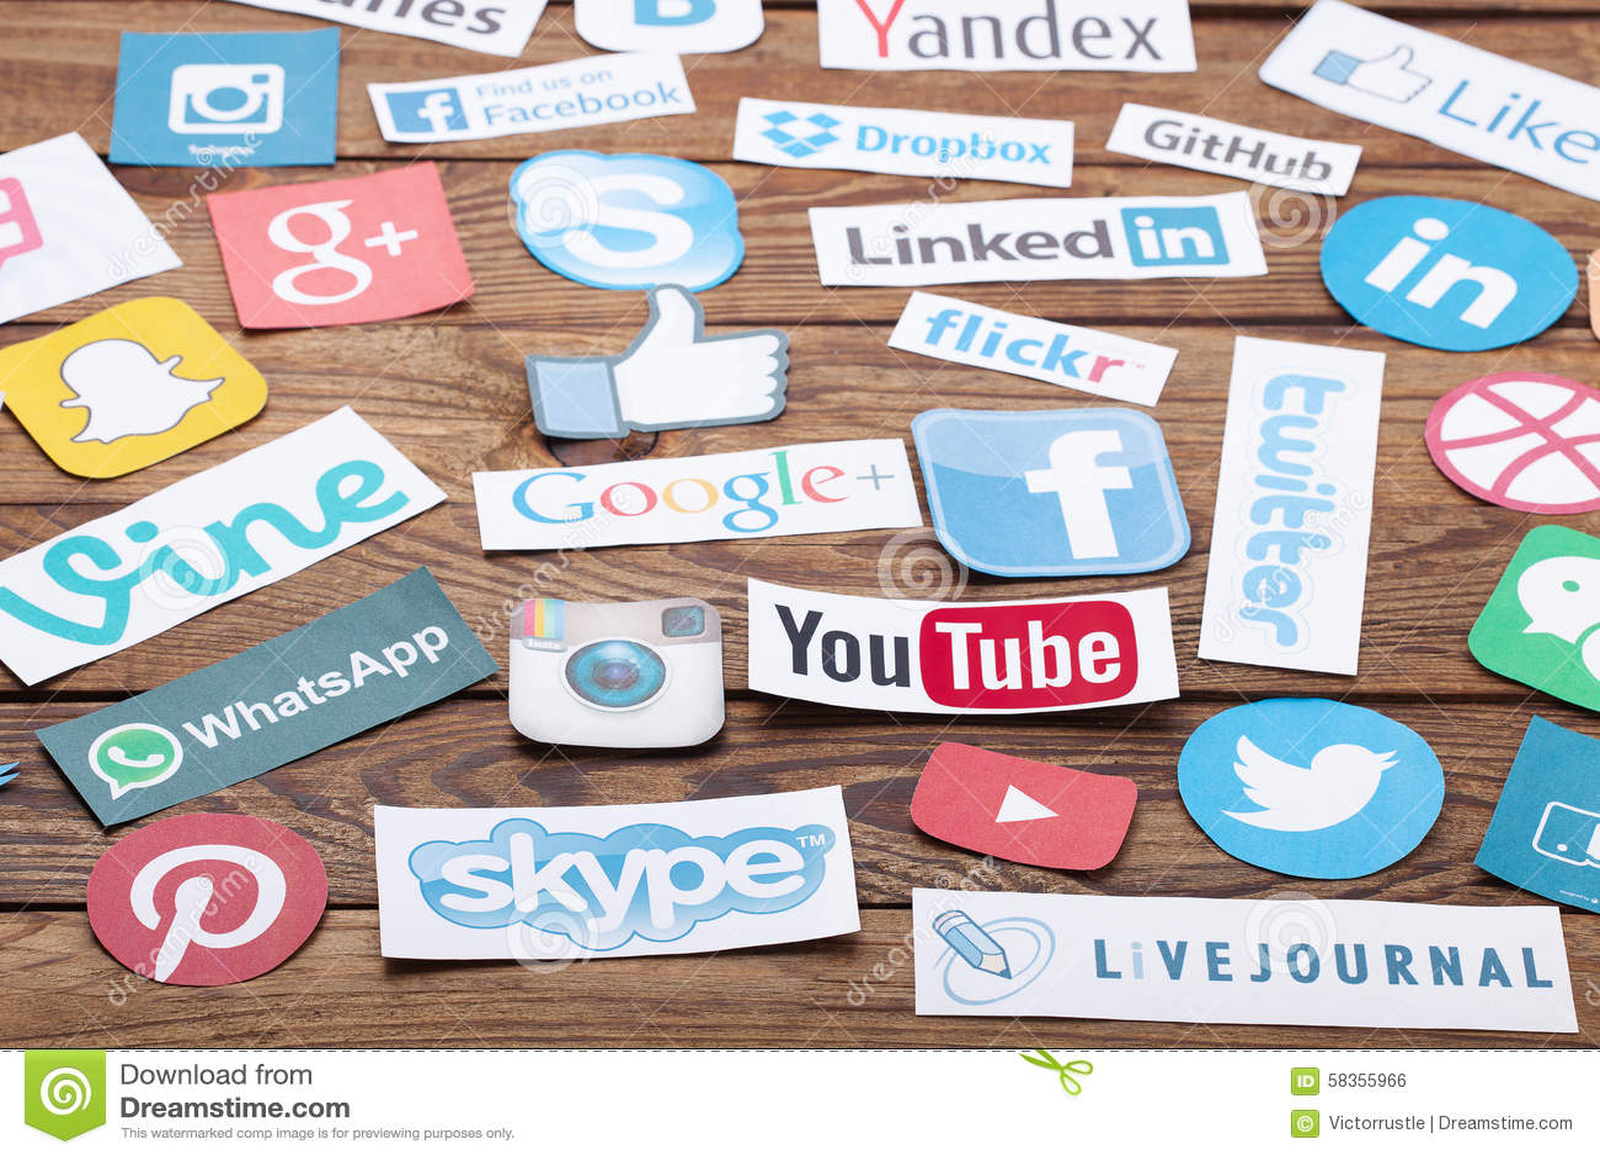 social media logos and names